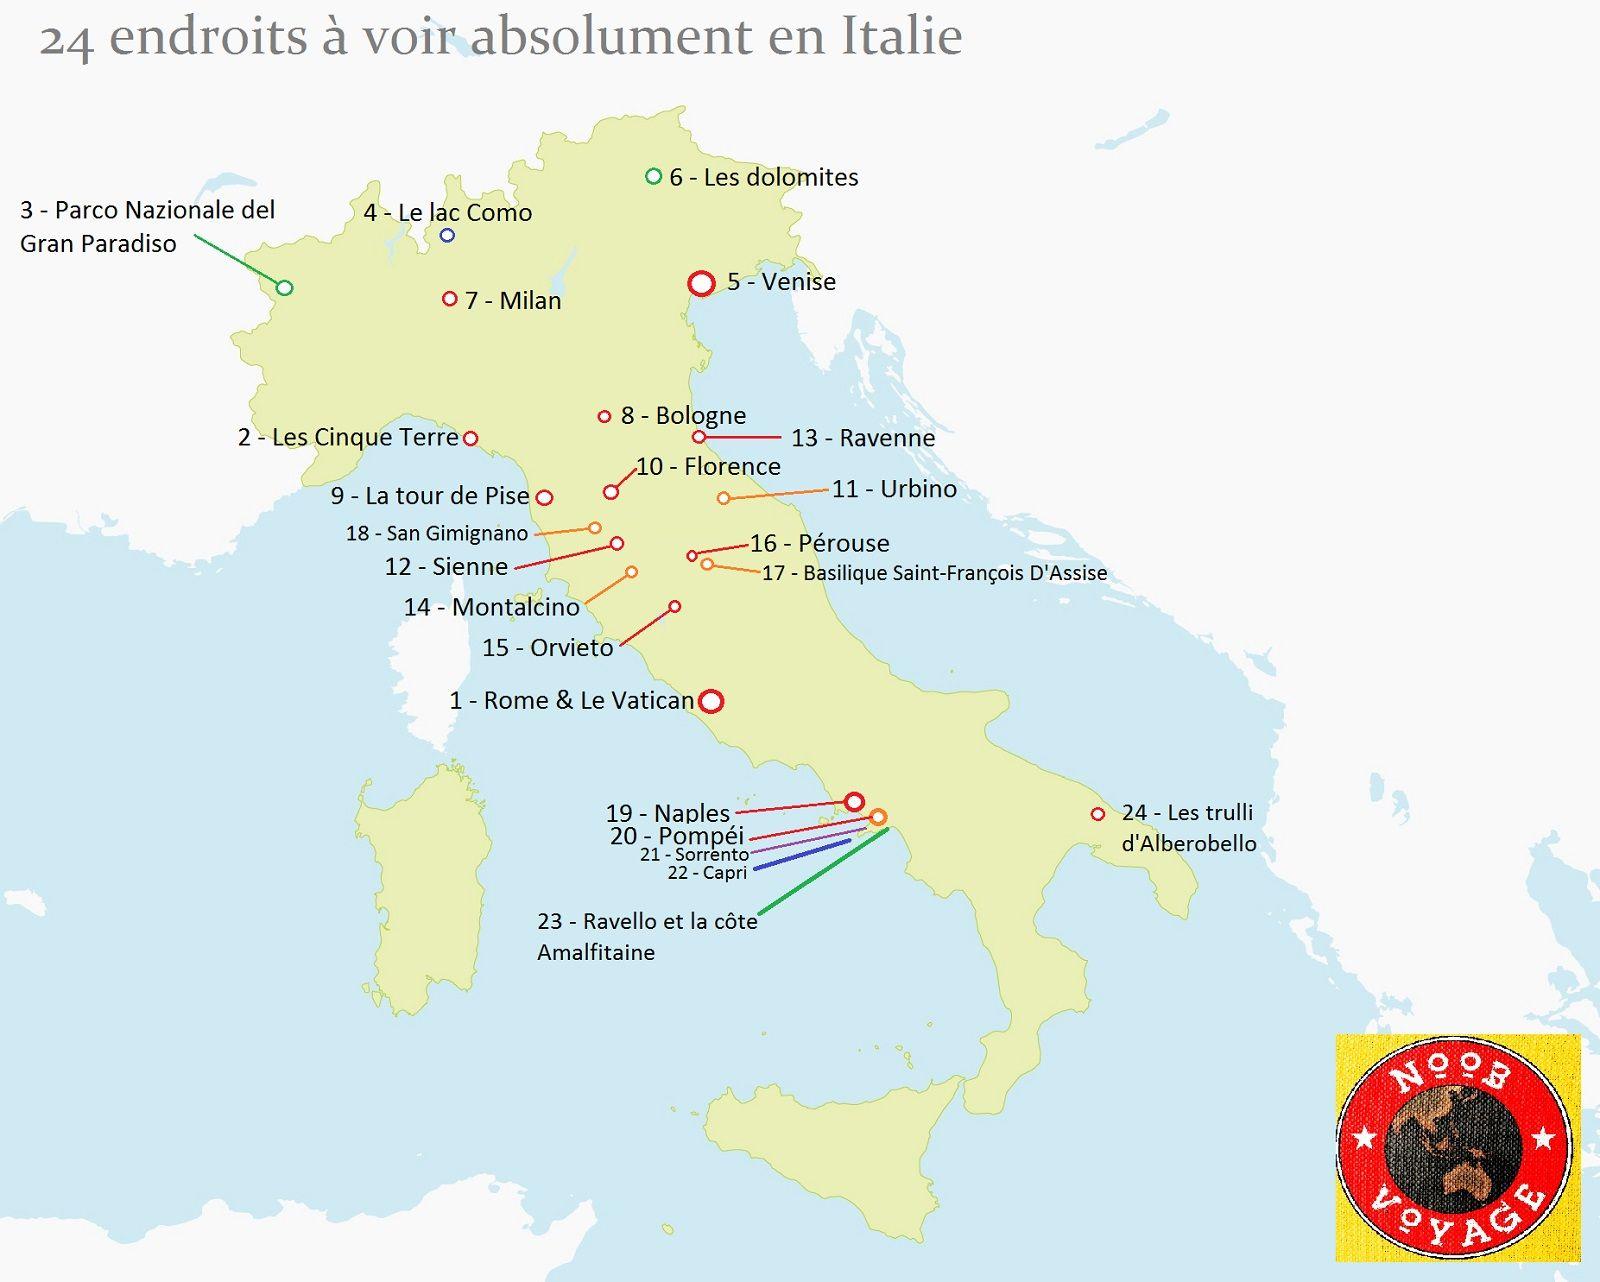 Carte De L Italie Detaillee A Imprimer Les Endroits A Voir